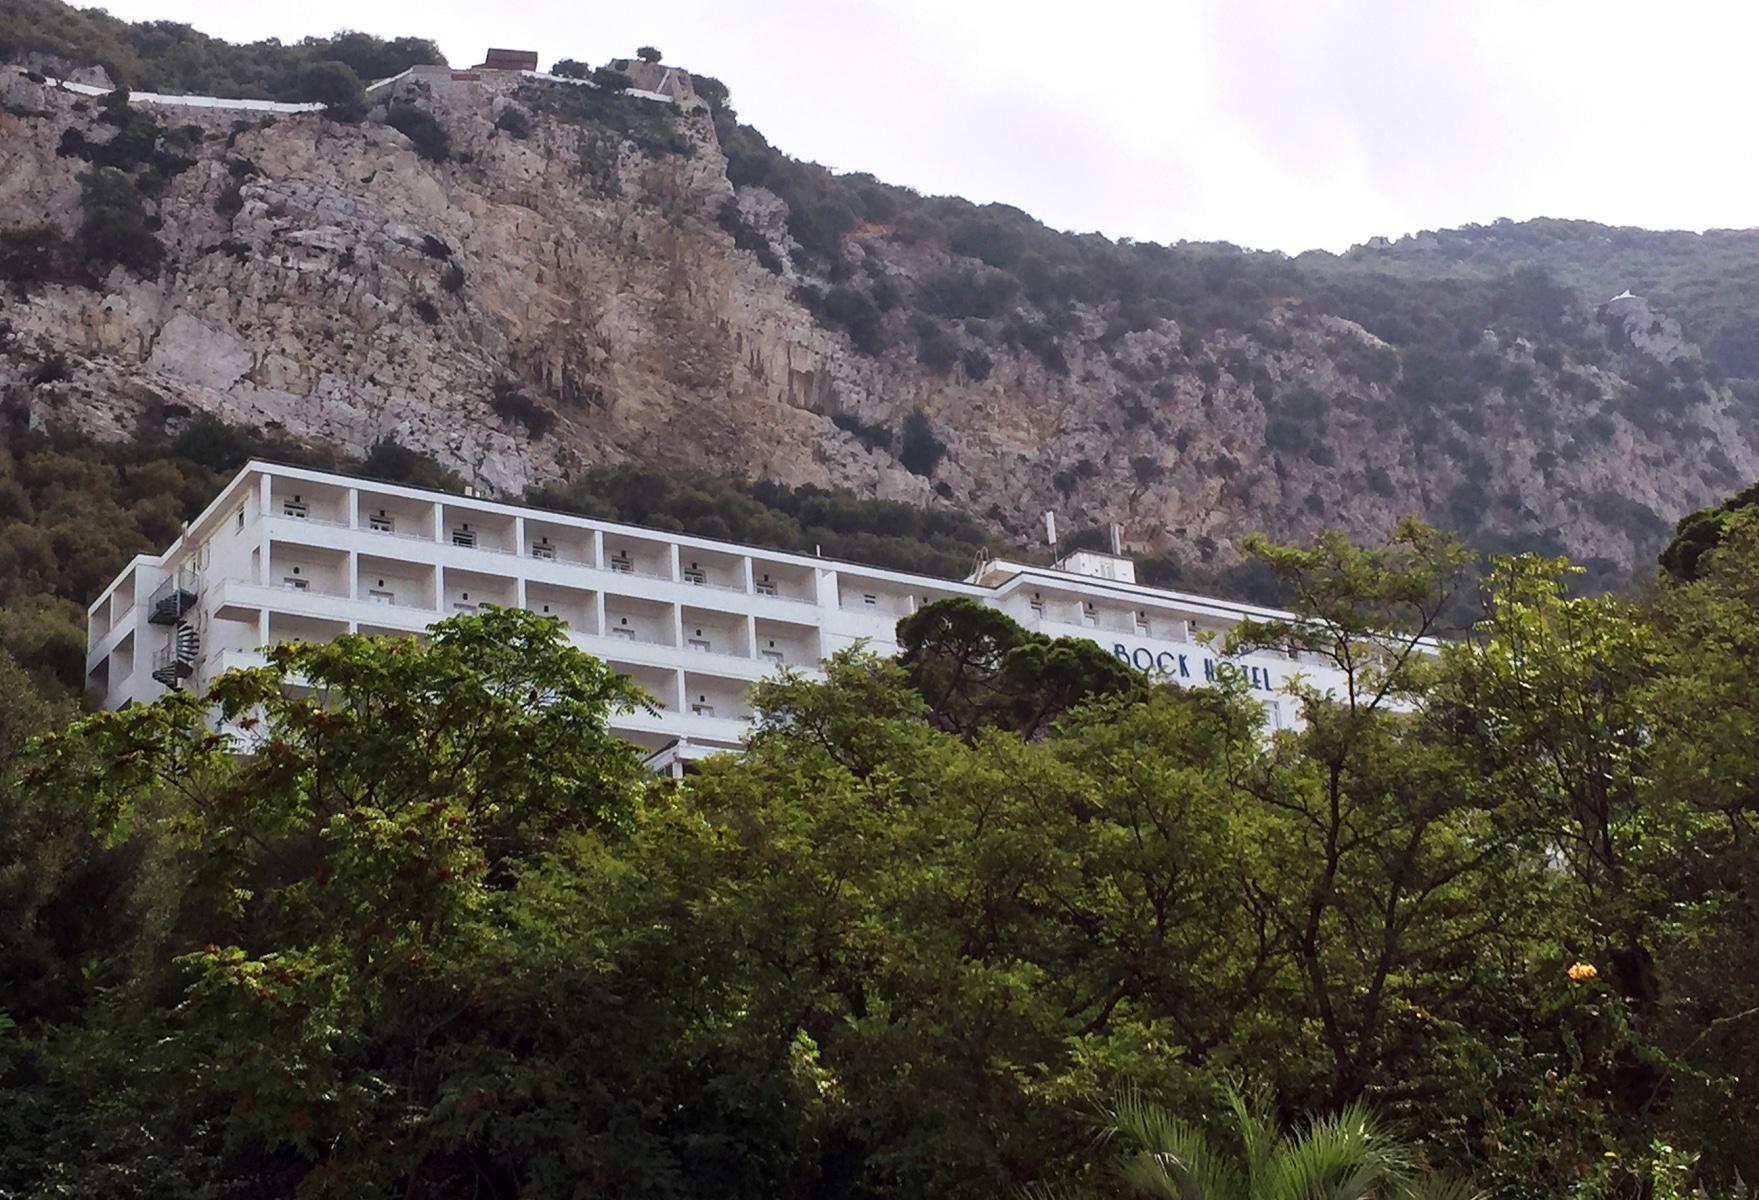 rock-hotel-1_27855925599_o